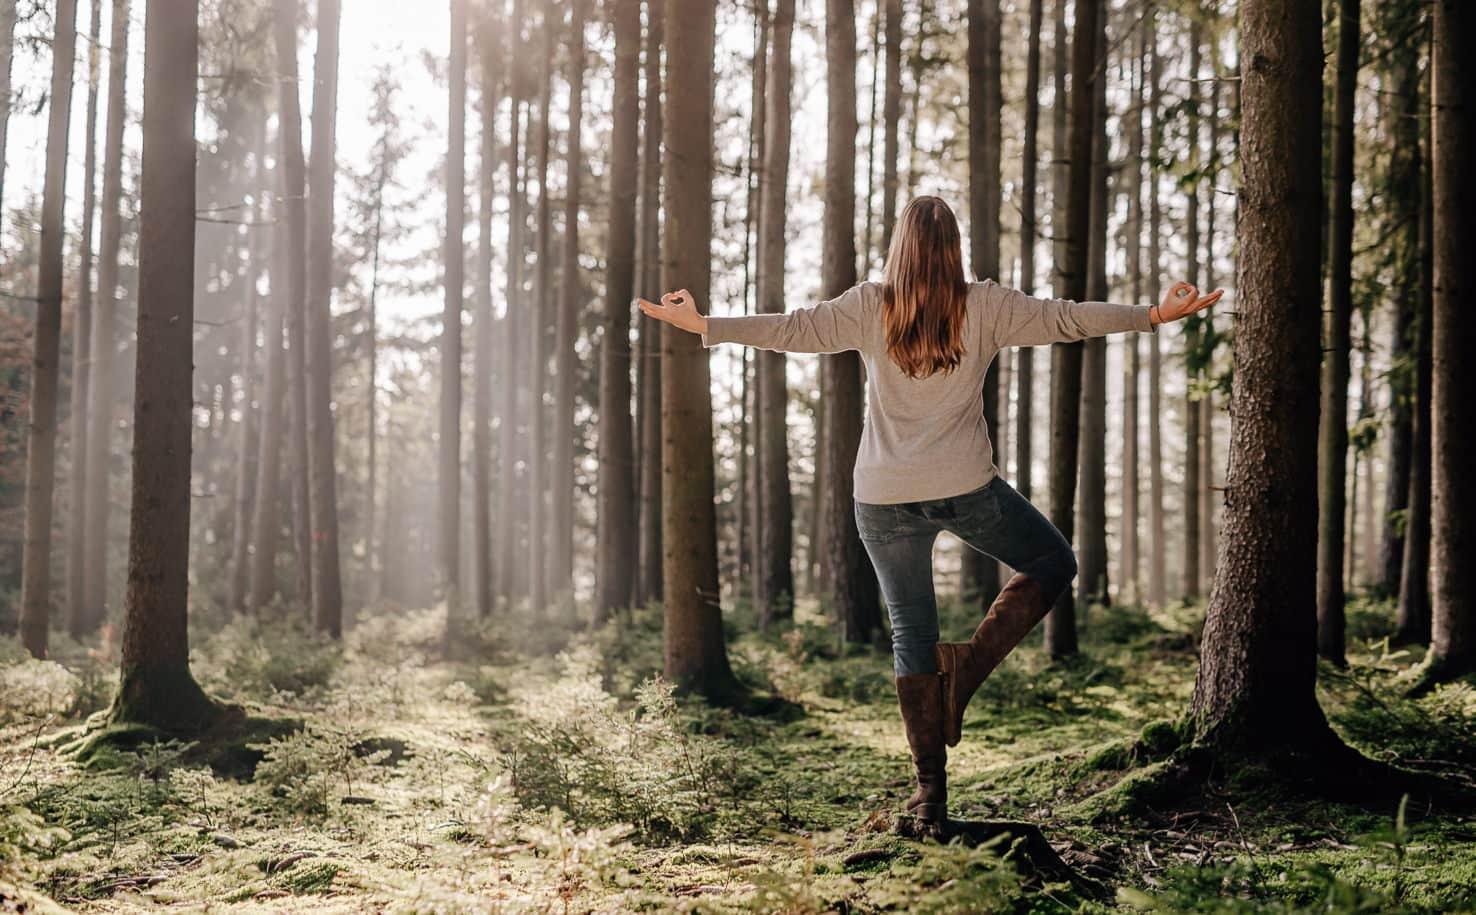 Professionelle Businessportraits: Yoga Fotos im Wald, Yogaportrait, Naturfotos, natürliche Businessportraits von Jung und Wild design